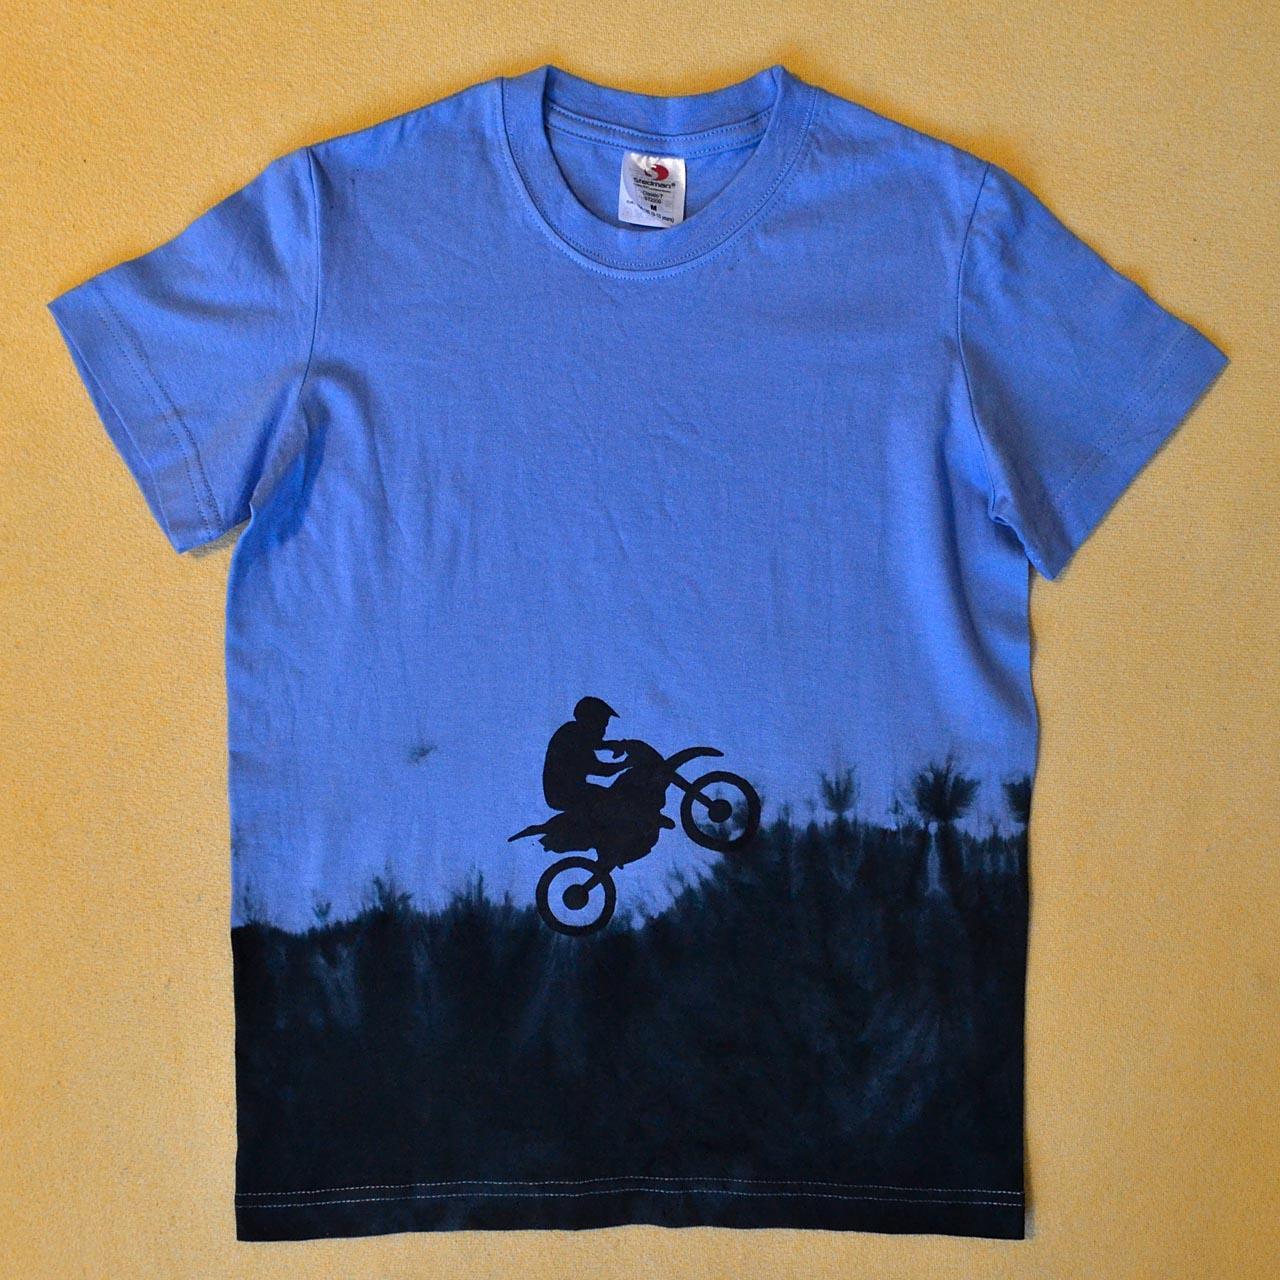 9c2bf781fb9f Modro-černé dětské tričko s motorkářem (9-10 let)   Zboží prodejce ...